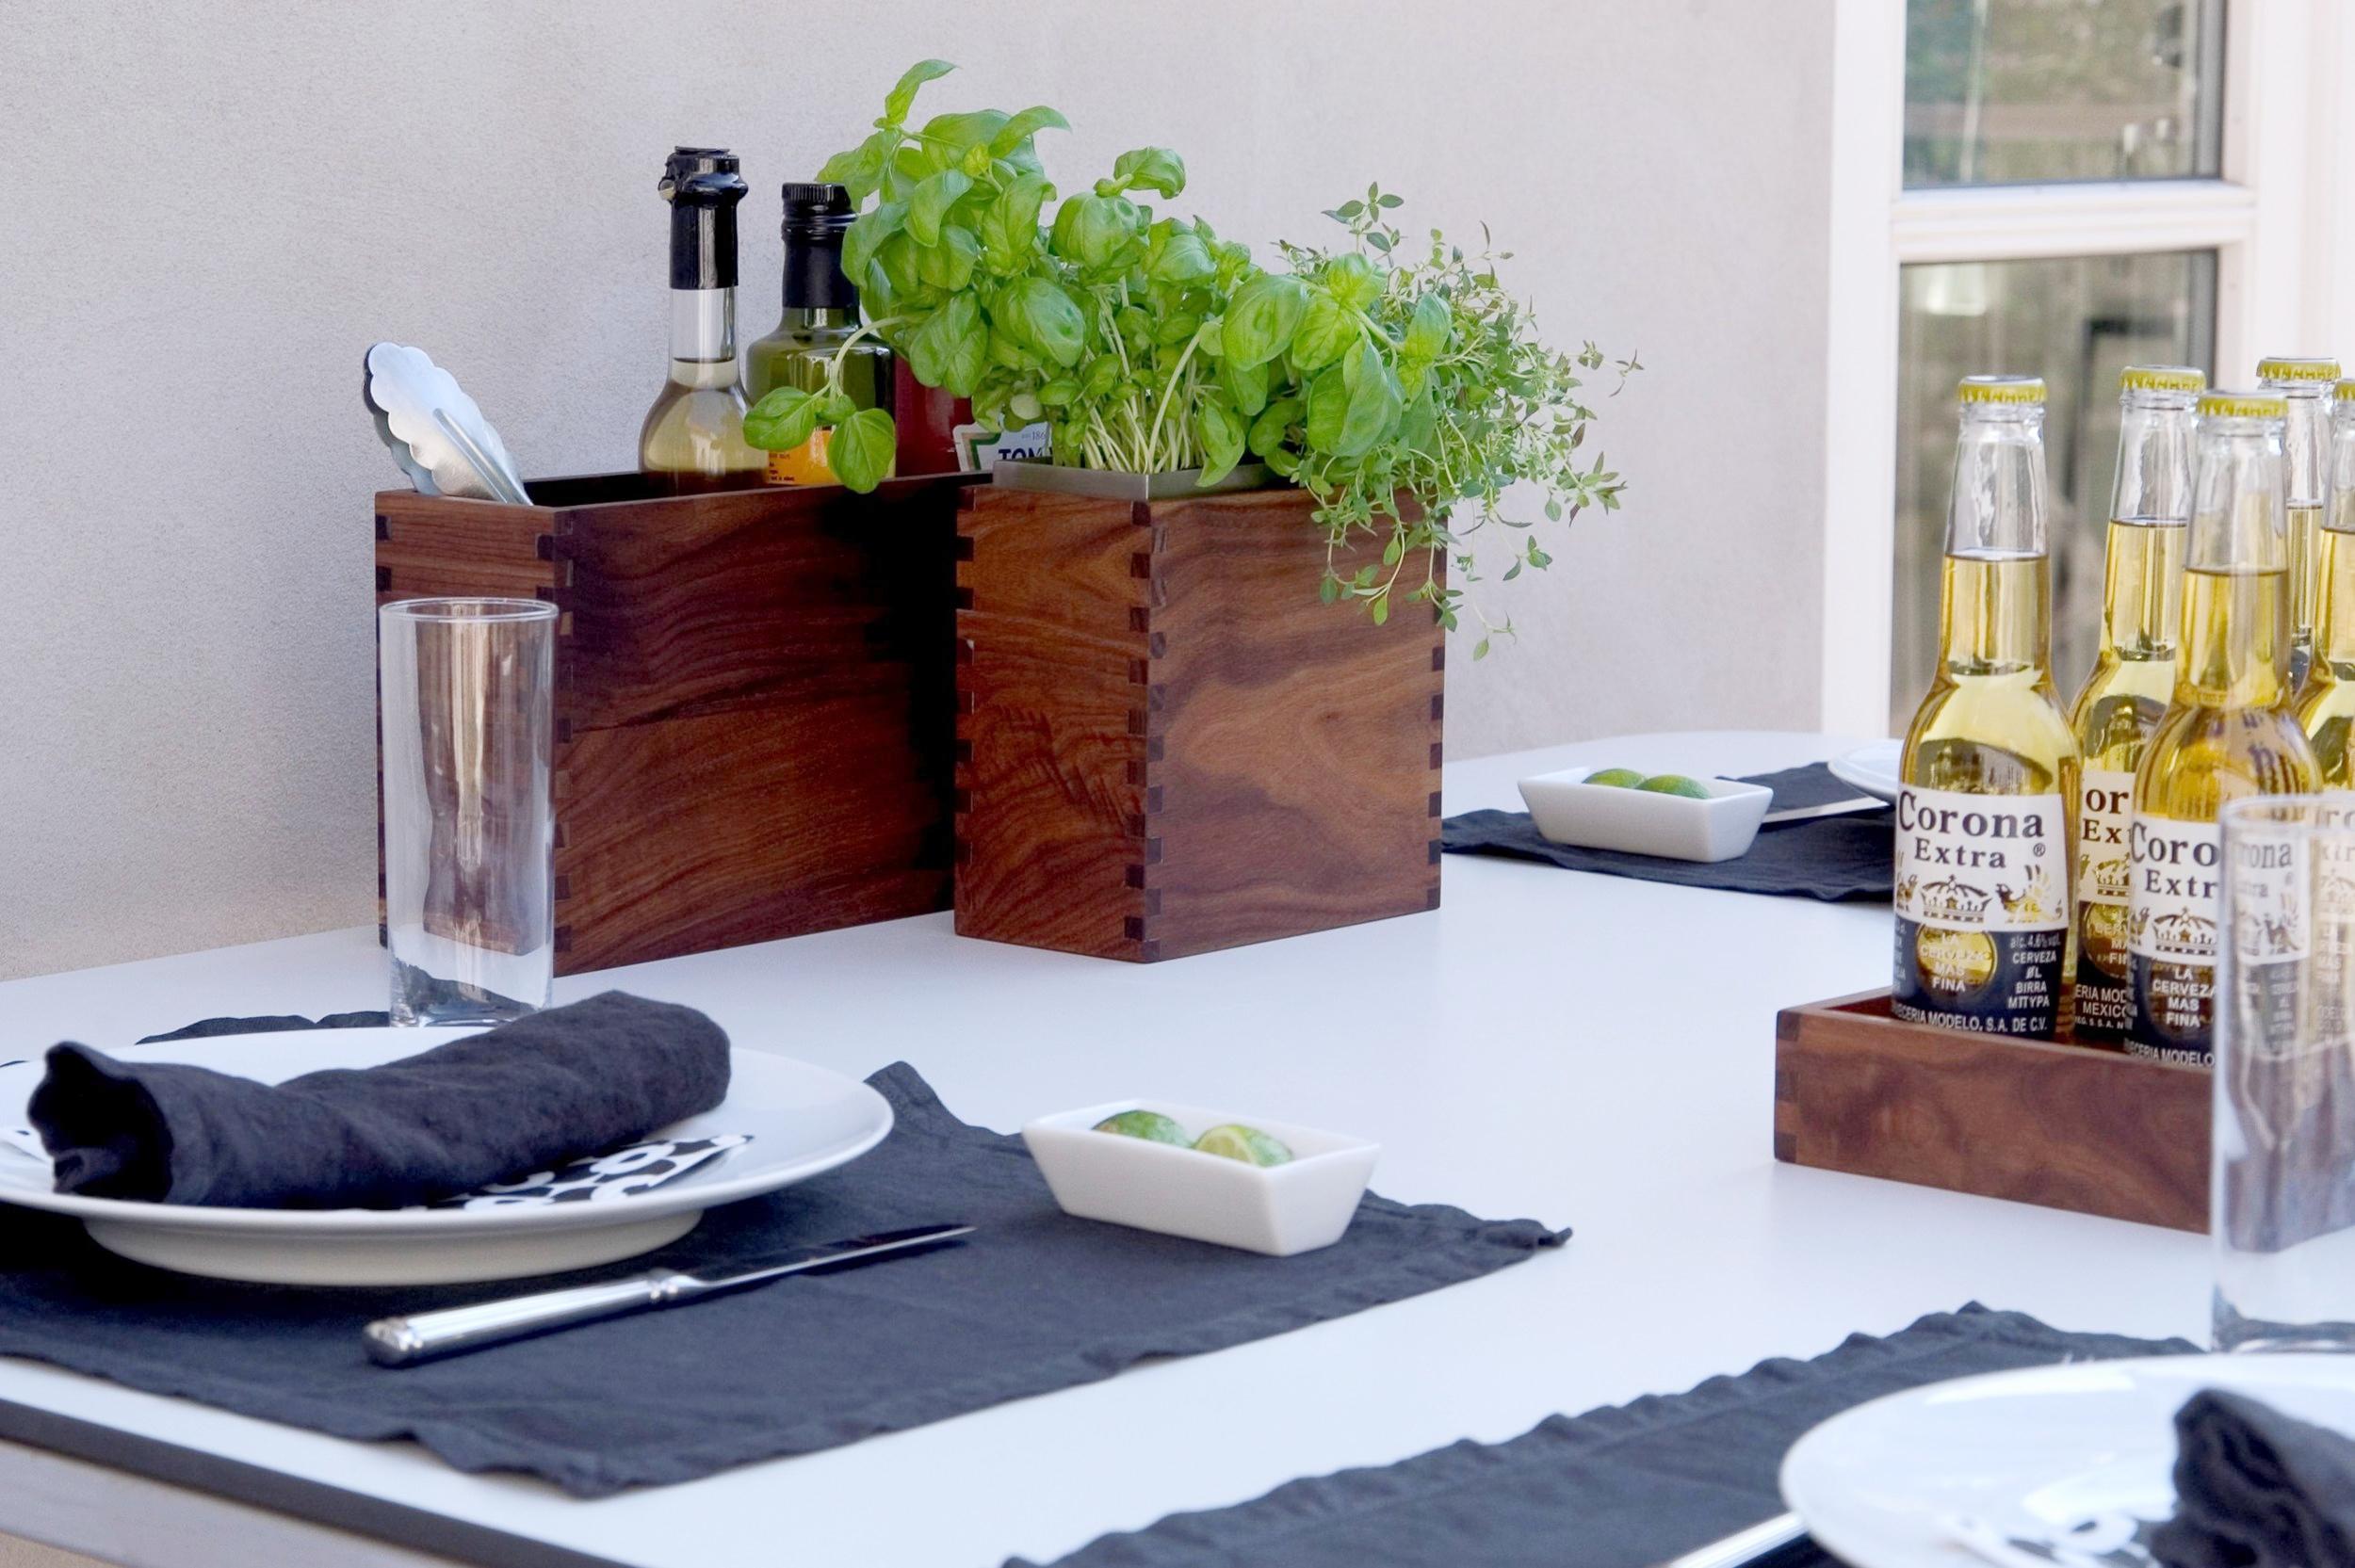 Gør hjemmet hyggeligt og praktisk     Med flot design er det faktisk nemt at have det nødvendige ved hånden og alligevel have et flot og lækkert hjem